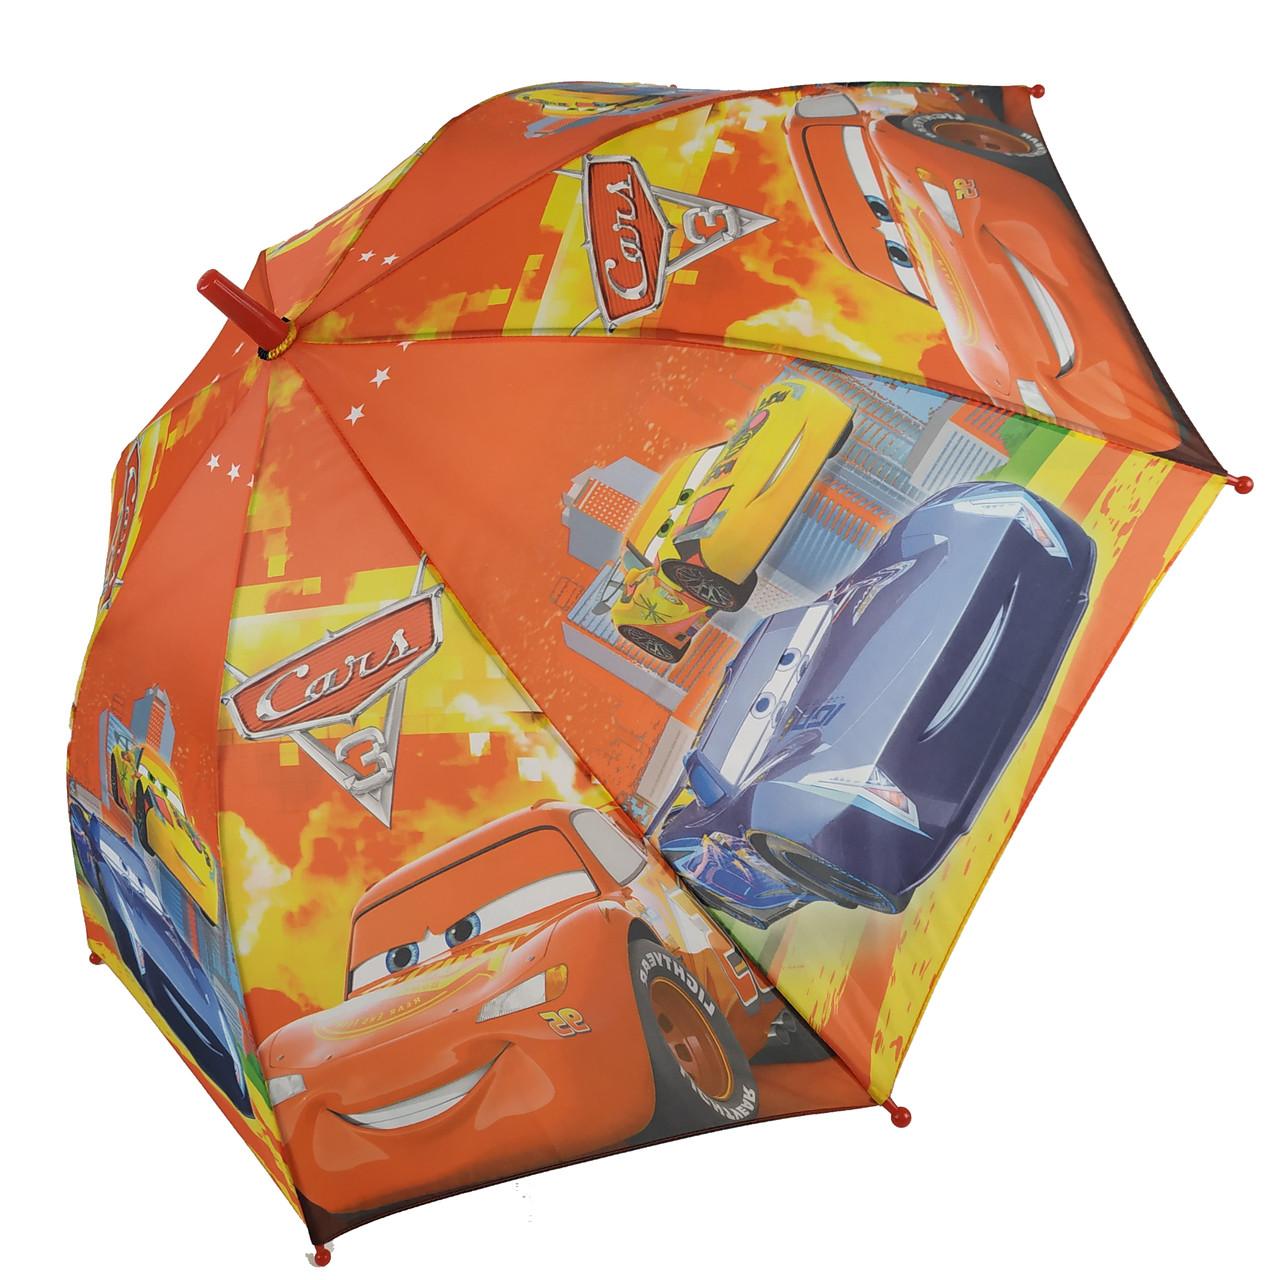 """Дитячий парасольку-тростину """"Тачки-Маквін"""" зі свистком для хлопчика від Max, помаранчевий, 009-3"""